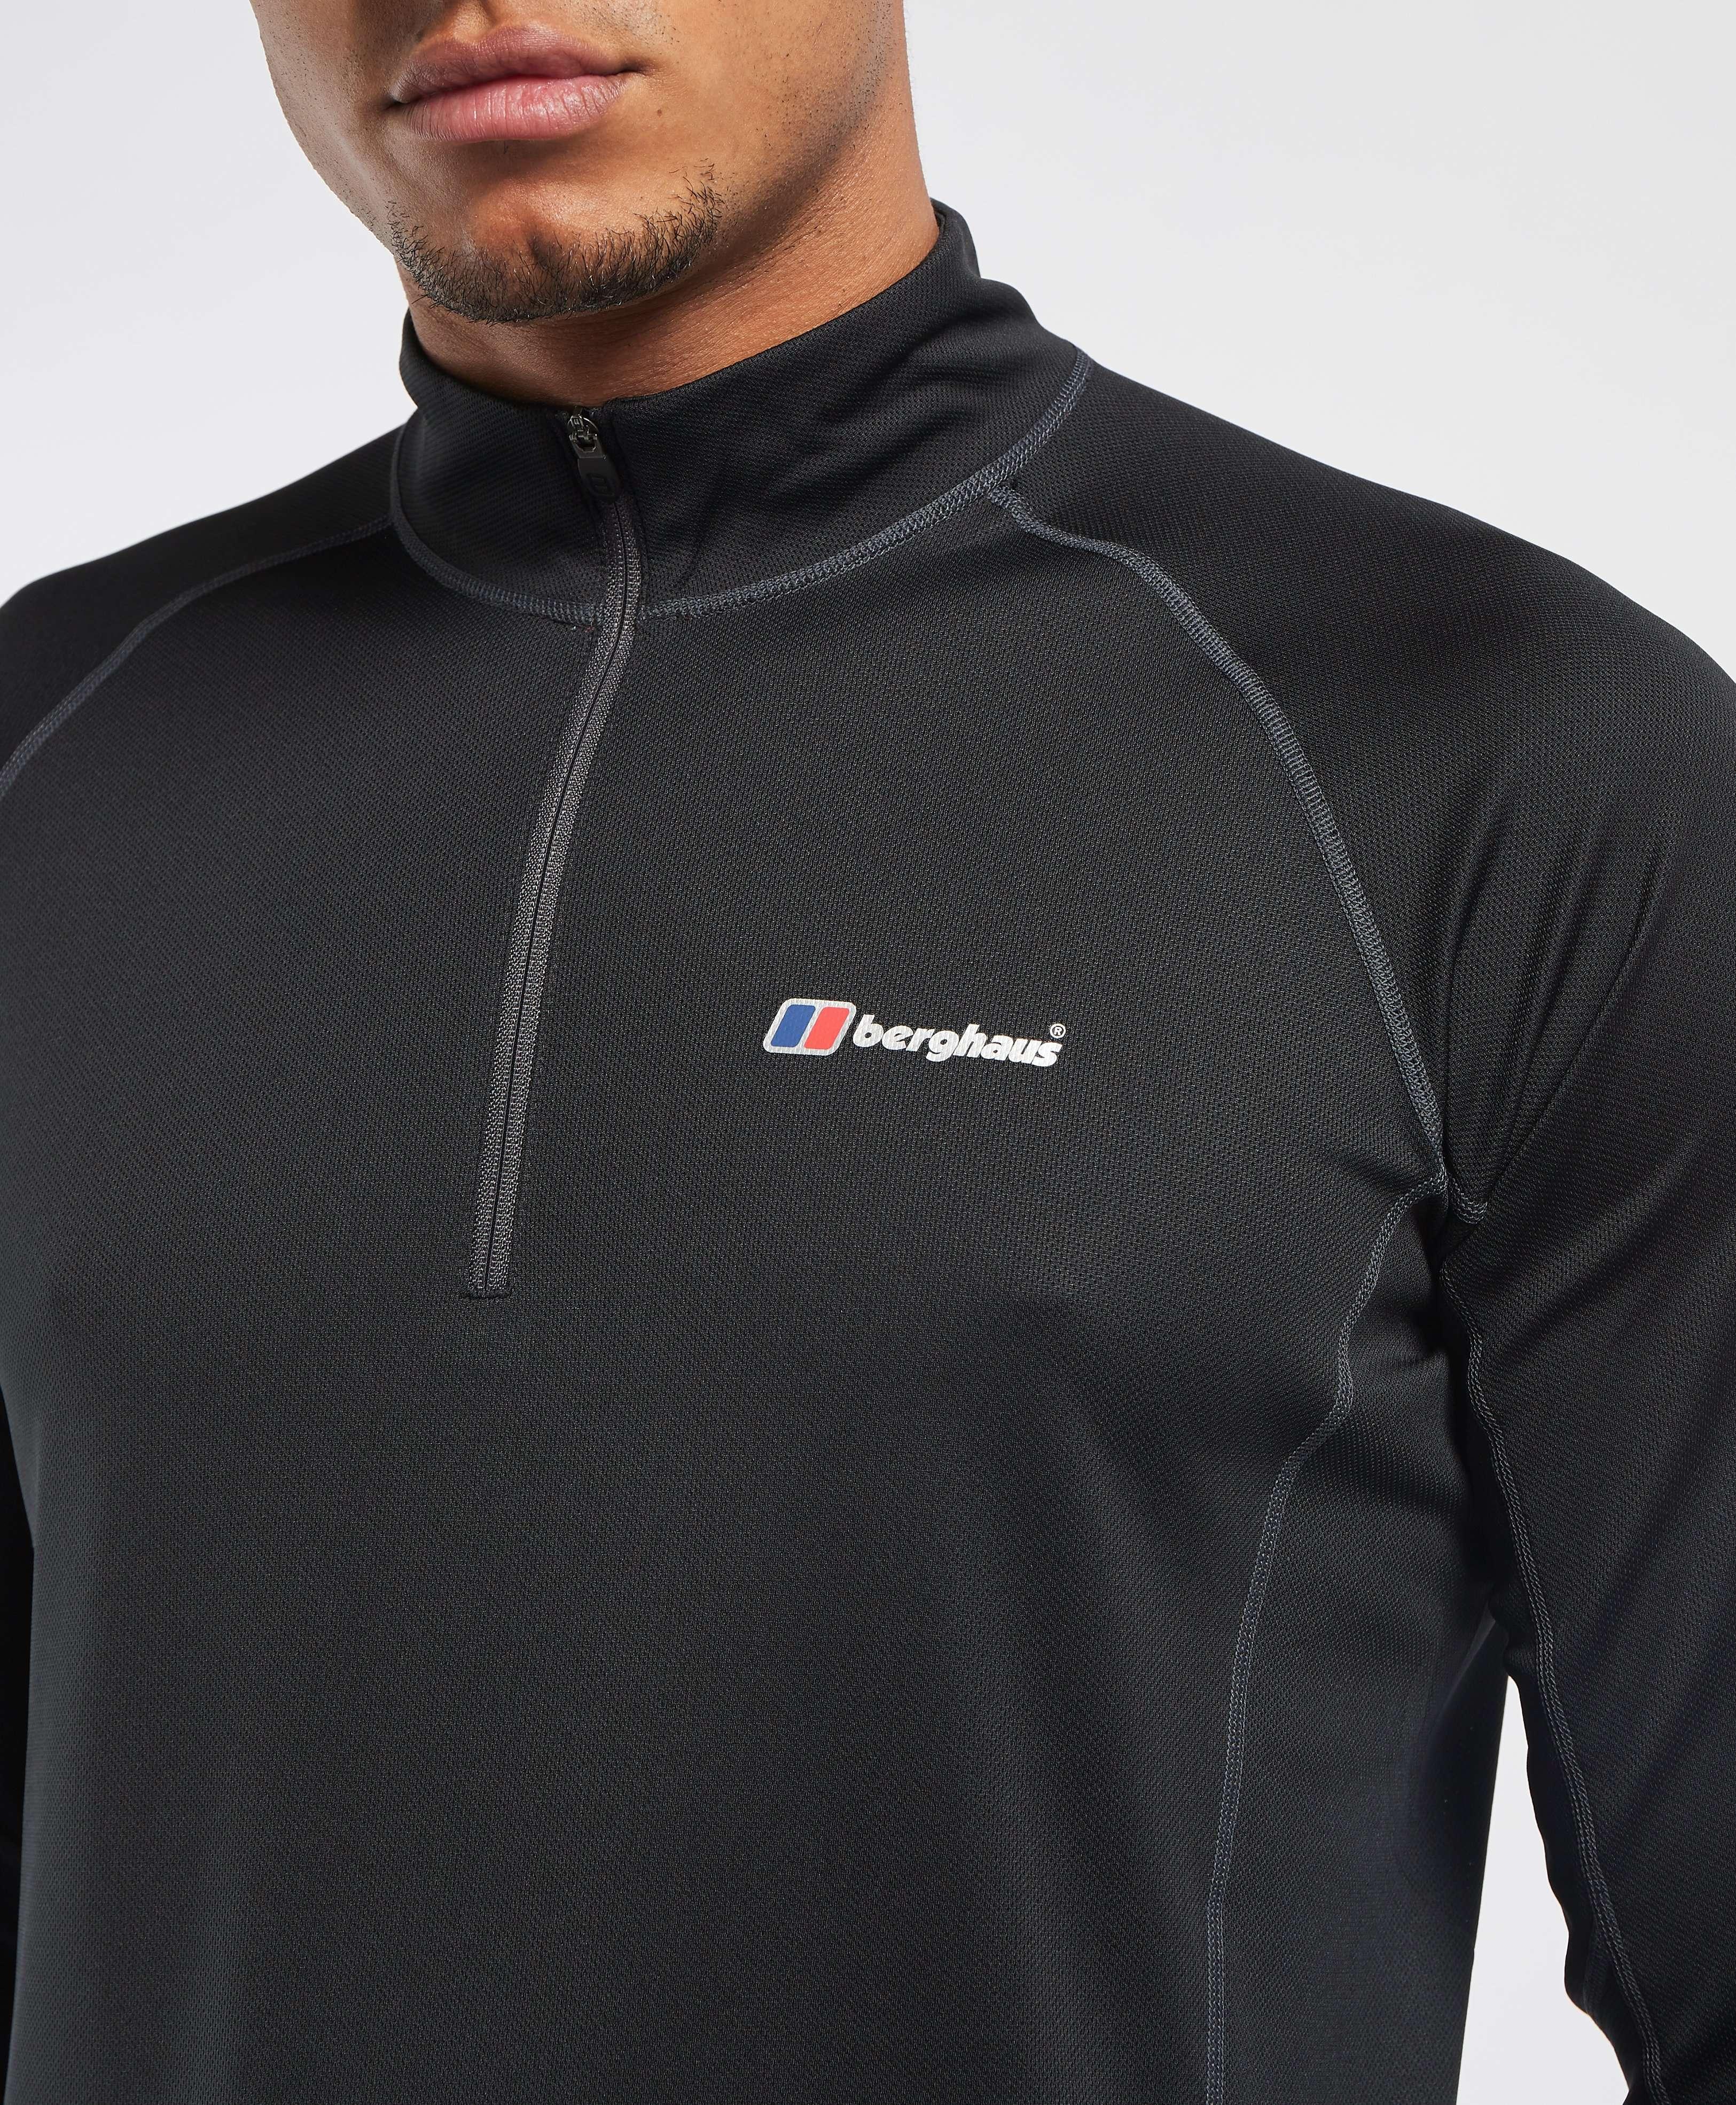 Berghaus Tech 1/4 Zip Long Sleeve T-Shirt